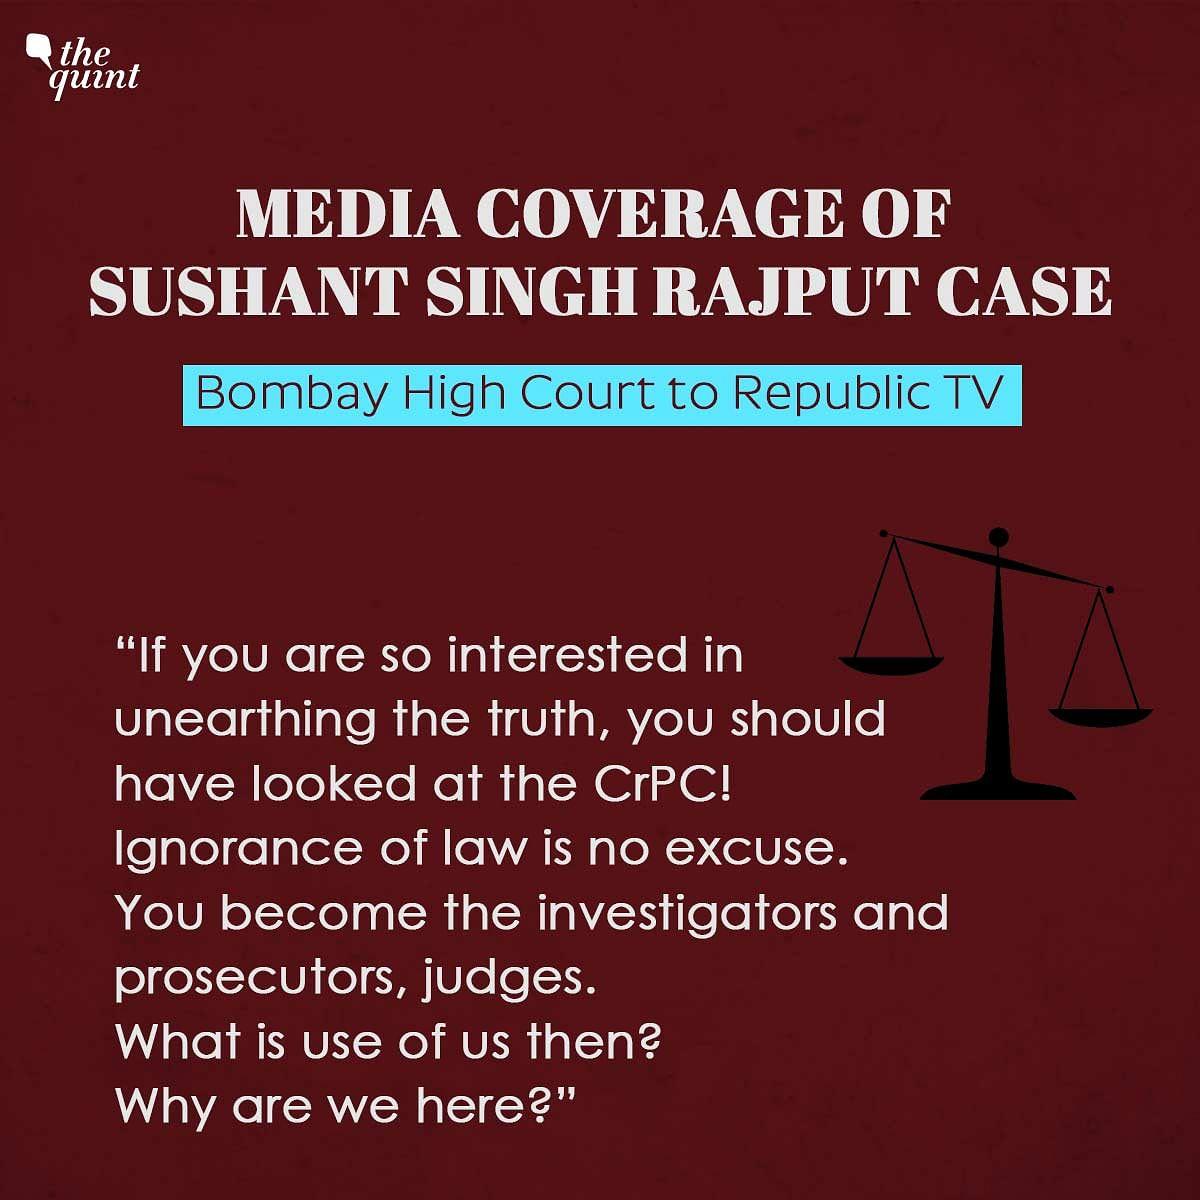 You're Not Judges or Prosecutors: HC Raps News Portals on SSR Case